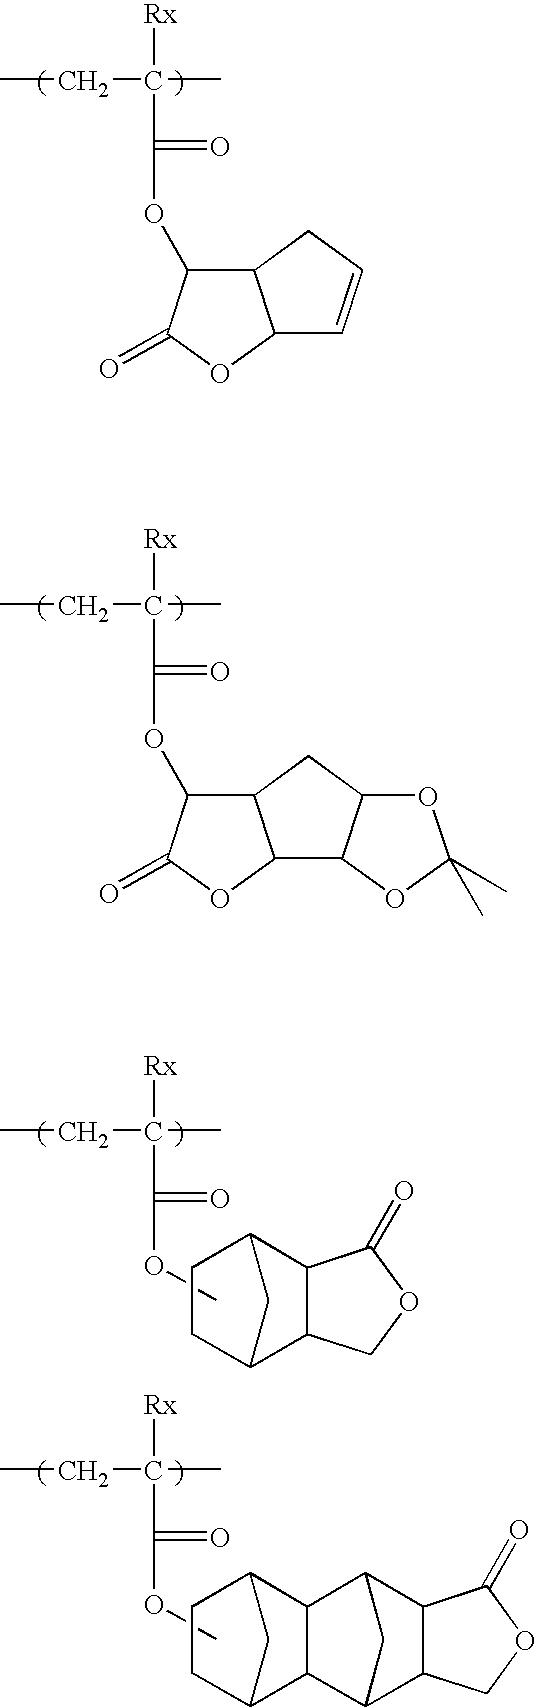 Figure US07985534-20110726-C00031